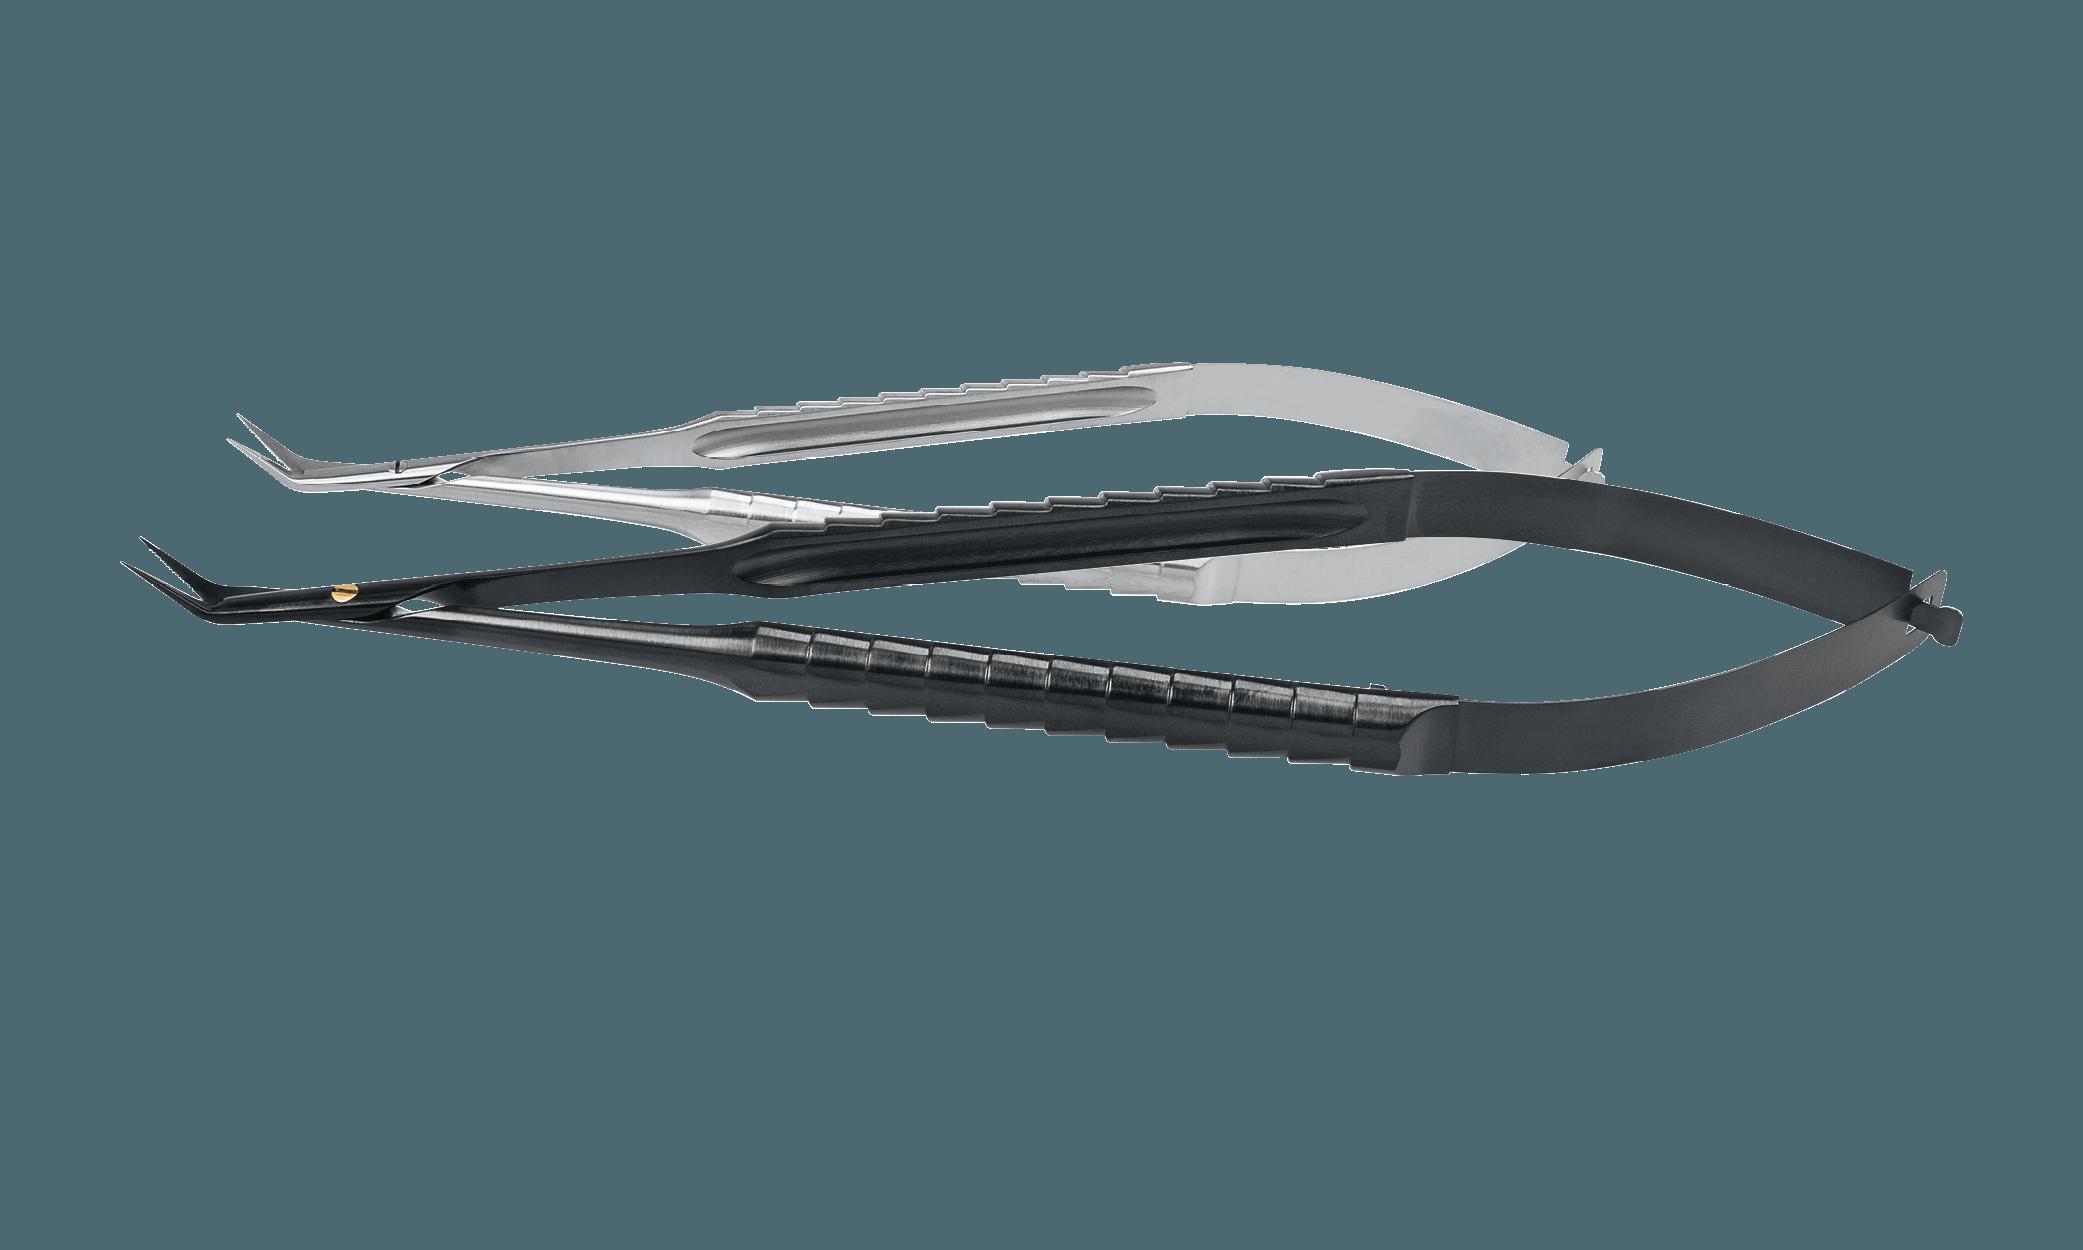 46.321.16 Micro Ollók, Onyx bevonatú eszközzel az előtérben